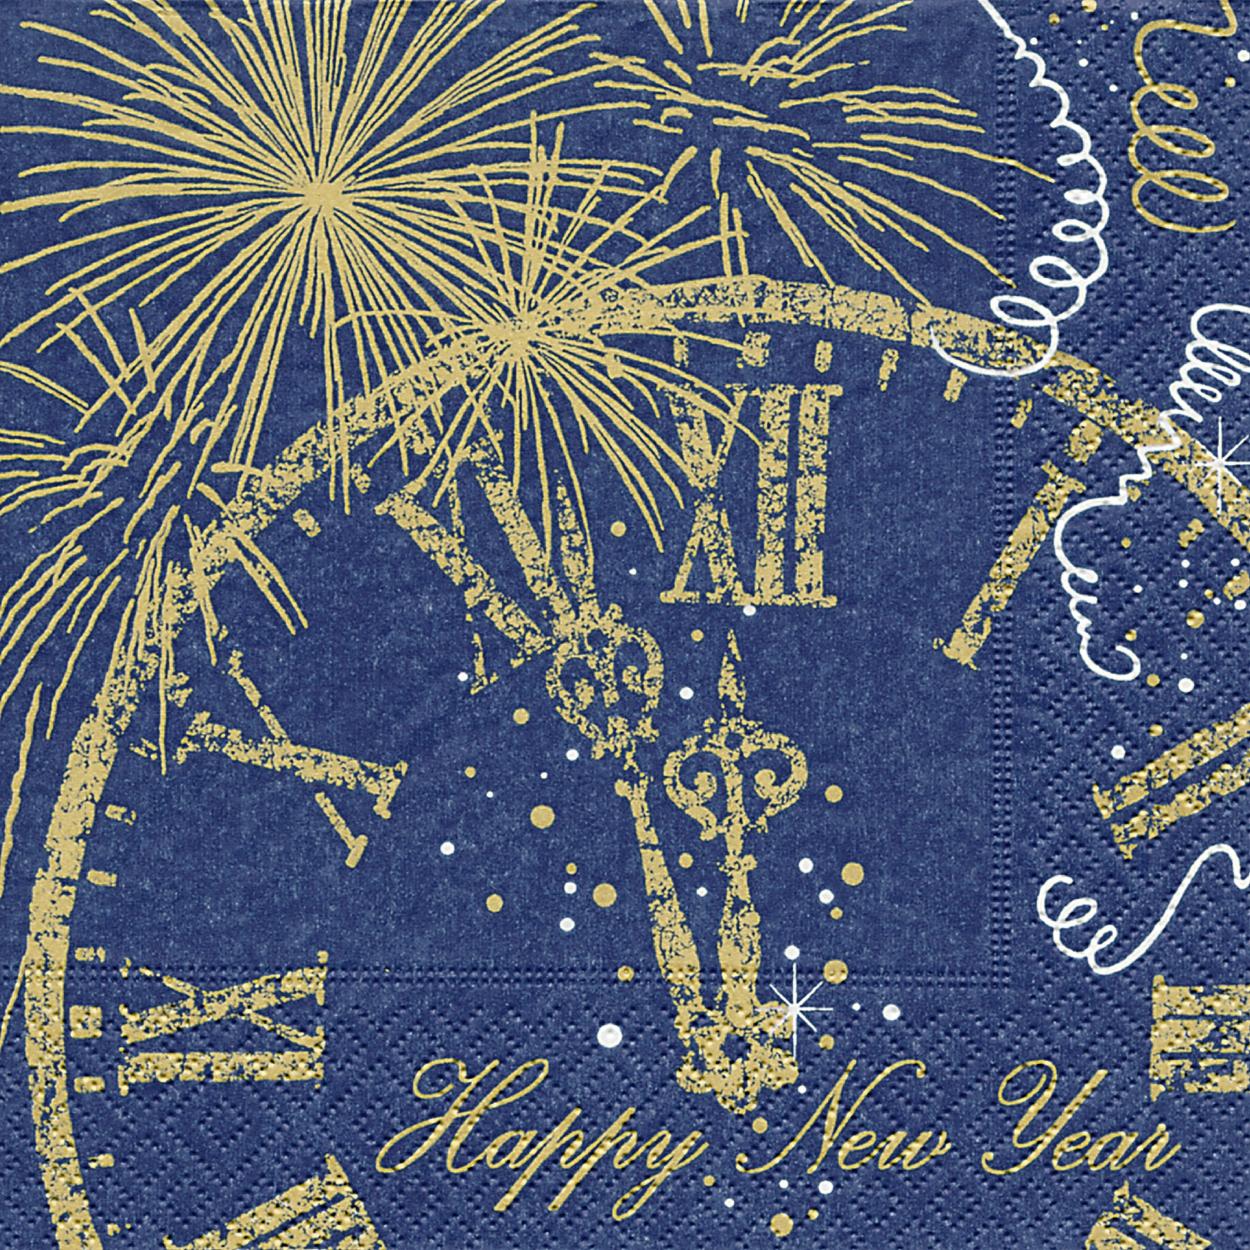 Servietten 33x33 cm - Welcome New Year